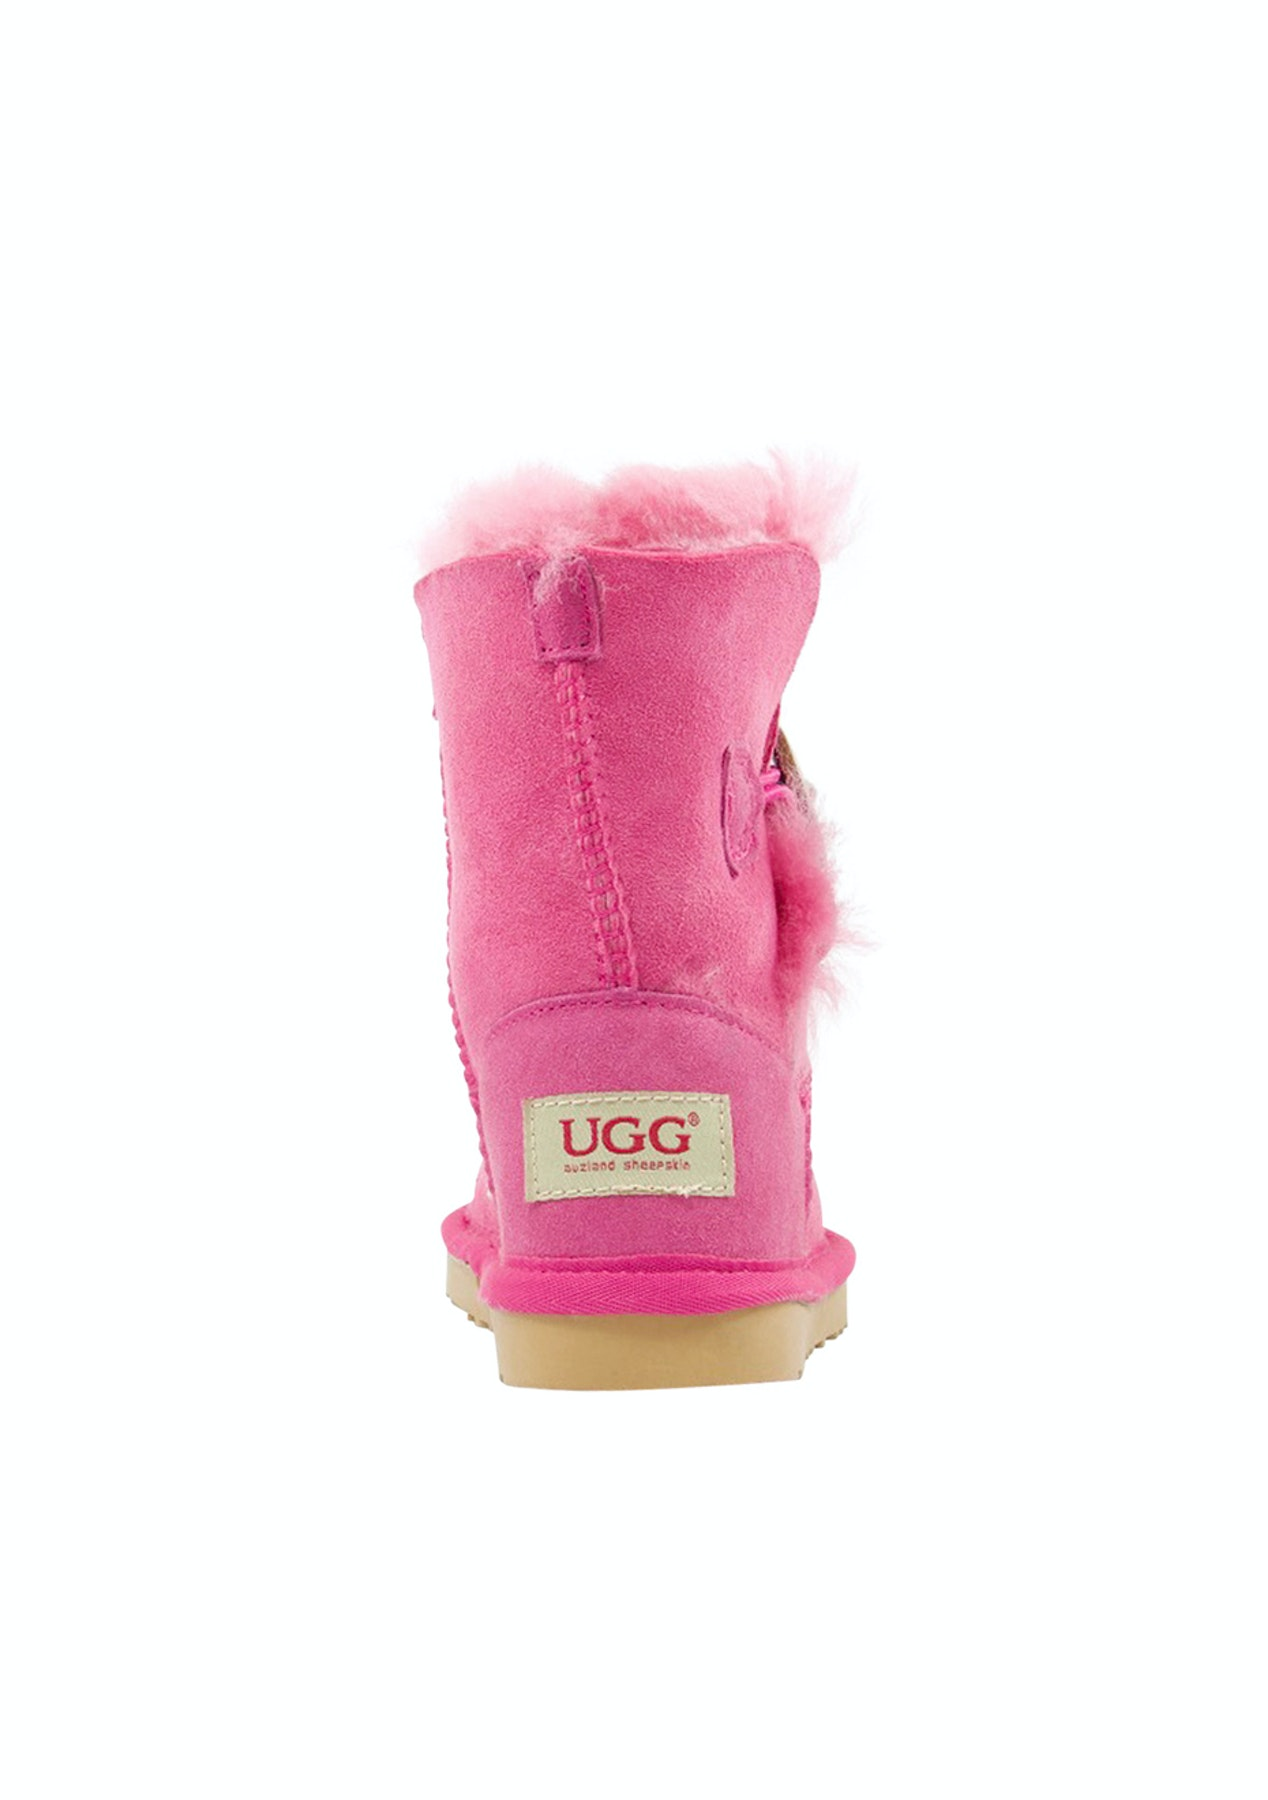 82b0a3e81d1 Auzland Ugg Kids Button Sheepskin Boots Bao Pink